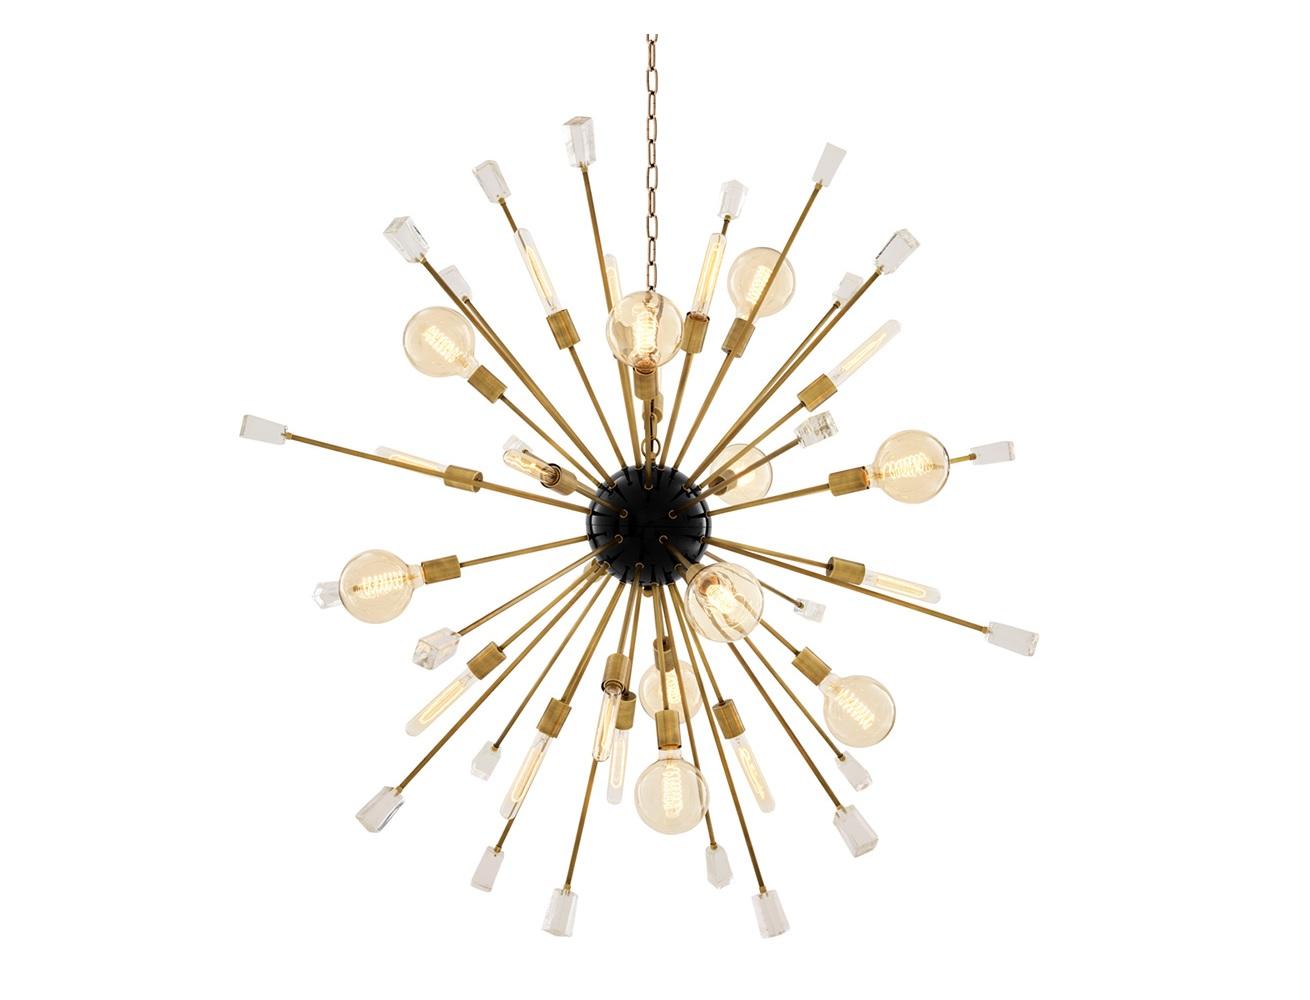 Подвесной светильник Chandelier Tivoli LПодвесные светильники<br>Подвесной светильник Chandelier Tivoli L на арматуре цвета латунь. Плафон с оригинальным дизайном в виде &amp;quot;одуванчика&amp;quot;. Прозрачные стеклянные кристаллы в виде декора. Высота светильника регулируется за счет звеньев цепи.&amp;lt;div&amp;gt;&amp;lt;br&amp;gt;&amp;lt;/div&amp;gt;&amp;lt;div&amp;gt;&amp;lt;div&amp;gt;&amp;lt;div&amp;gt;Вид цоколя: E27&amp;lt;/div&amp;gt;&amp;lt;div&amp;gt;Мощность лампы: 40W&amp;lt;/div&amp;gt;&amp;lt;div&amp;gt;Количество ламп: 24&amp;lt;/div&amp;gt;&amp;lt;/div&amp;gt;&amp;lt;div&amp;gt;&amp;lt;br&amp;gt;&amp;lt;/div&amp;gt;&amp;lt;div&amp;gt;Лампочки в комплект не входят.&amp;lt;/div&amp;gt;&amp;lt;/div&amp;gt;<br><br>Material: Металл<br>Ширина см: 148<br>Высота см: 148<br>Глубина см: 148